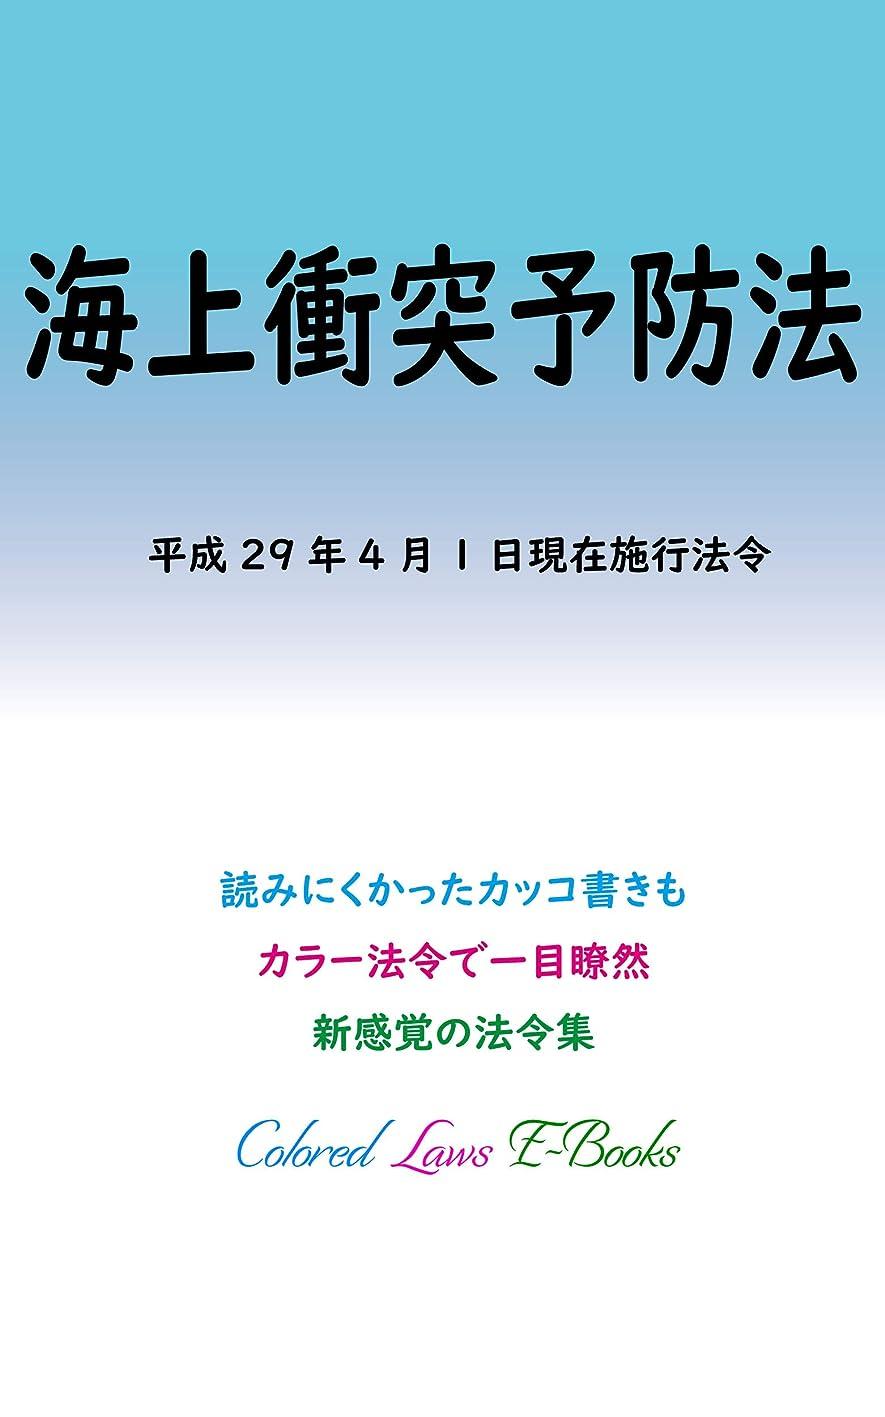 上向き図不屈海上衝突予防法 平成29年度版(平成29年4月1日) カラー法令シリーズ